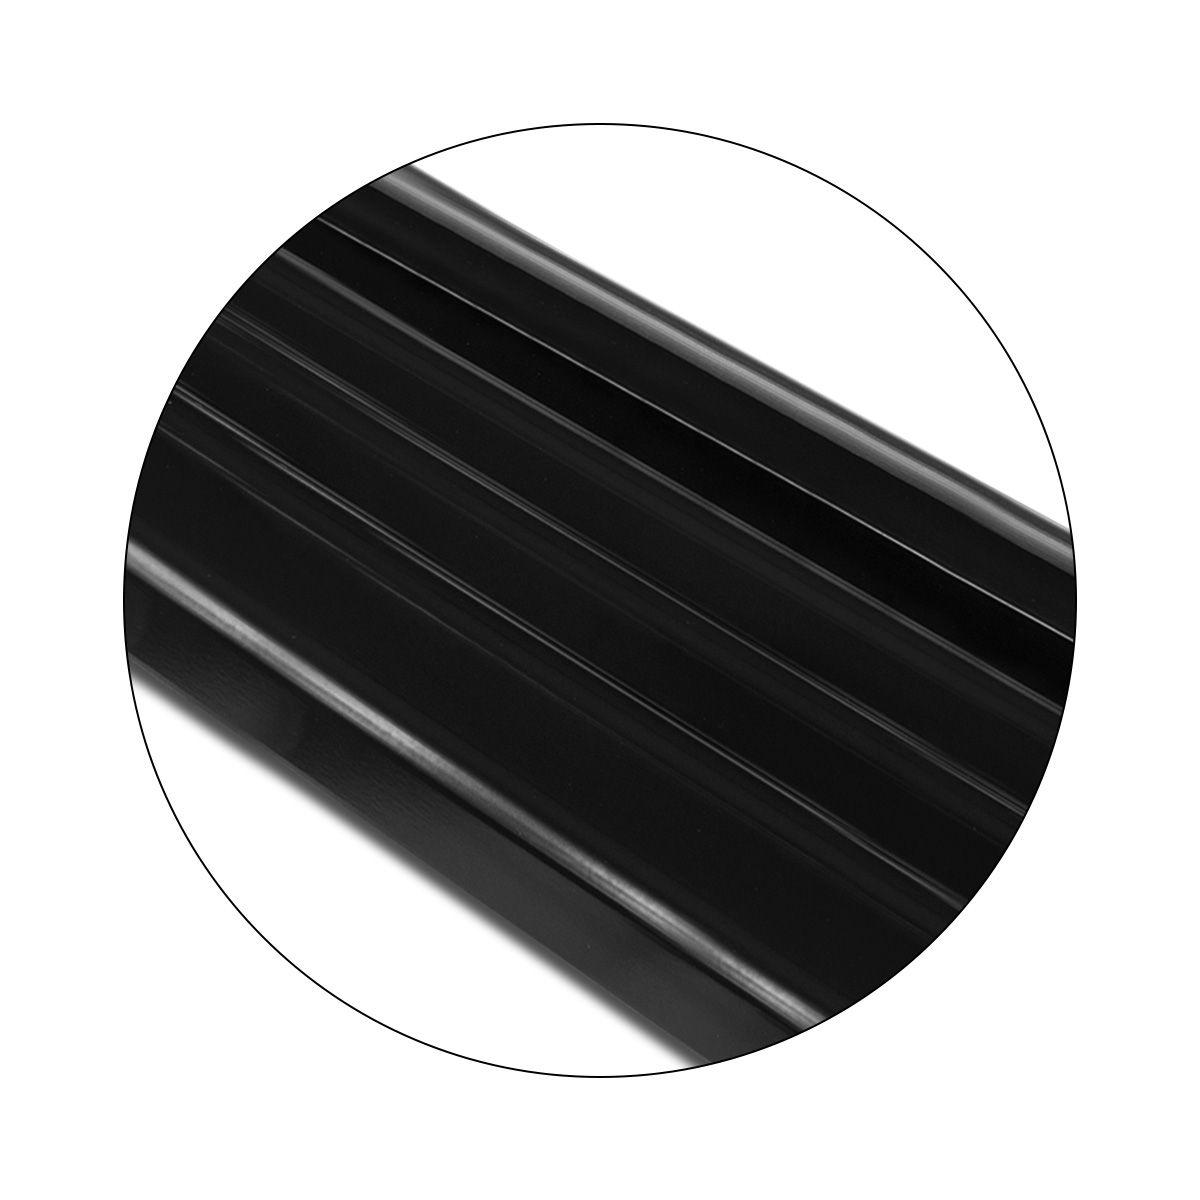 Estribo Lateral Duster 2012 a 2020 Aluminio Preto Track